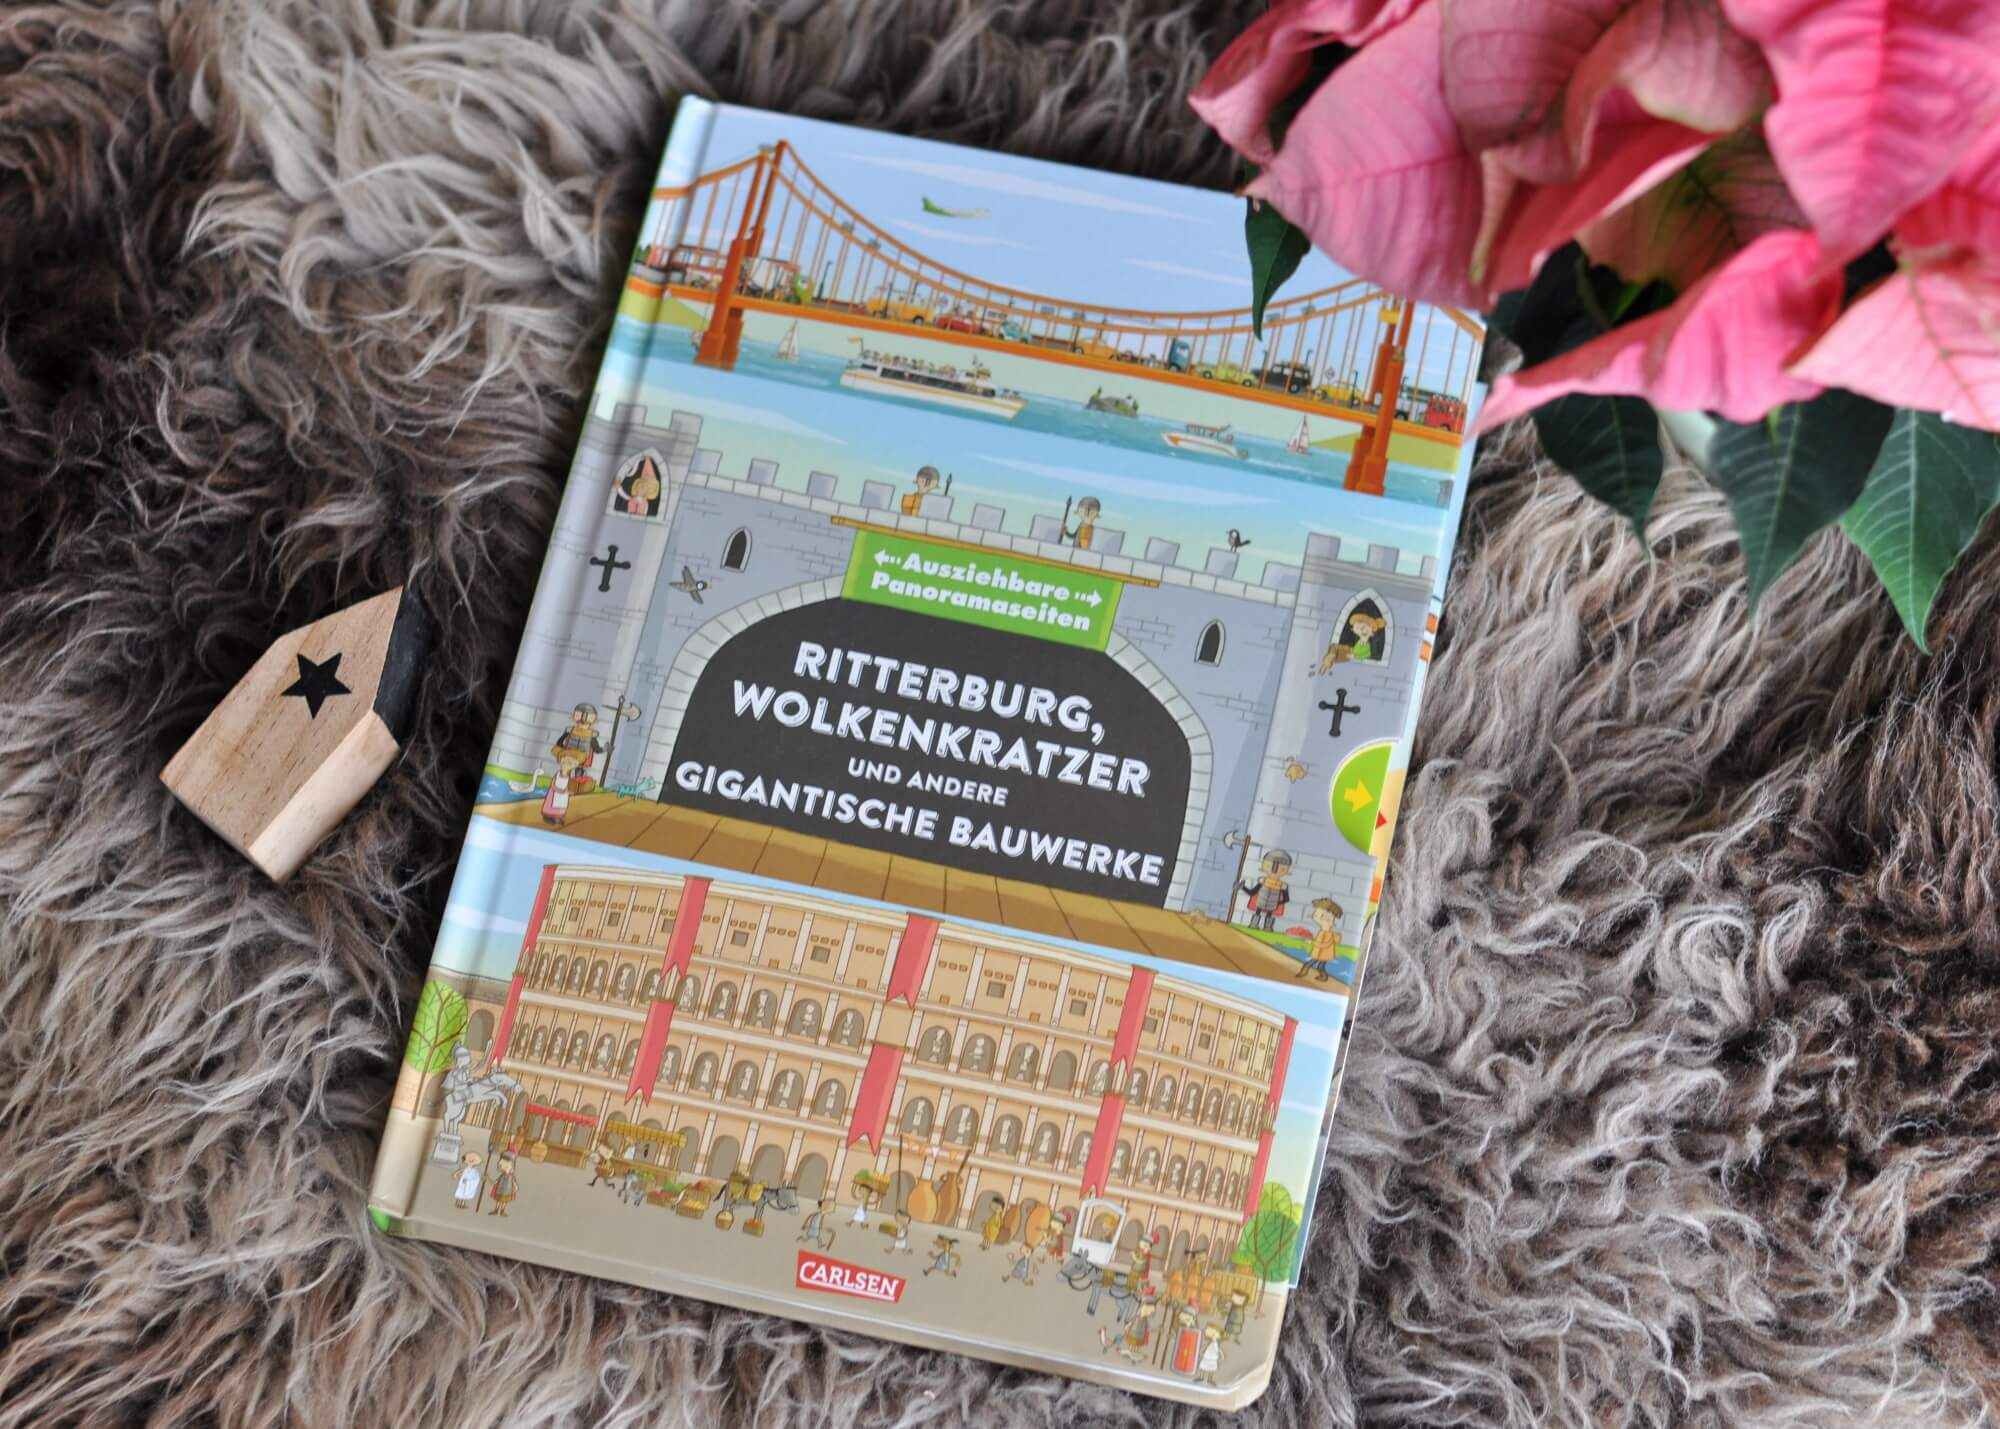 Fünf Bauwerke zum Entdecken: Wie sah es in einem französischen Schloss aus? Wie in einem römischen Amphitheater oder in einer mittelalterlichen Burg? Was verbirgt sich hinter den einzelnen Stockwerken des riesigen Wolkenkratzers? Und wie funktioniert eine Hängebrücke? #burg #ritter #palast #gebäude #bilderbuch #klappen #architektur #sachbuch #kinder #lesen #wimmelbuch